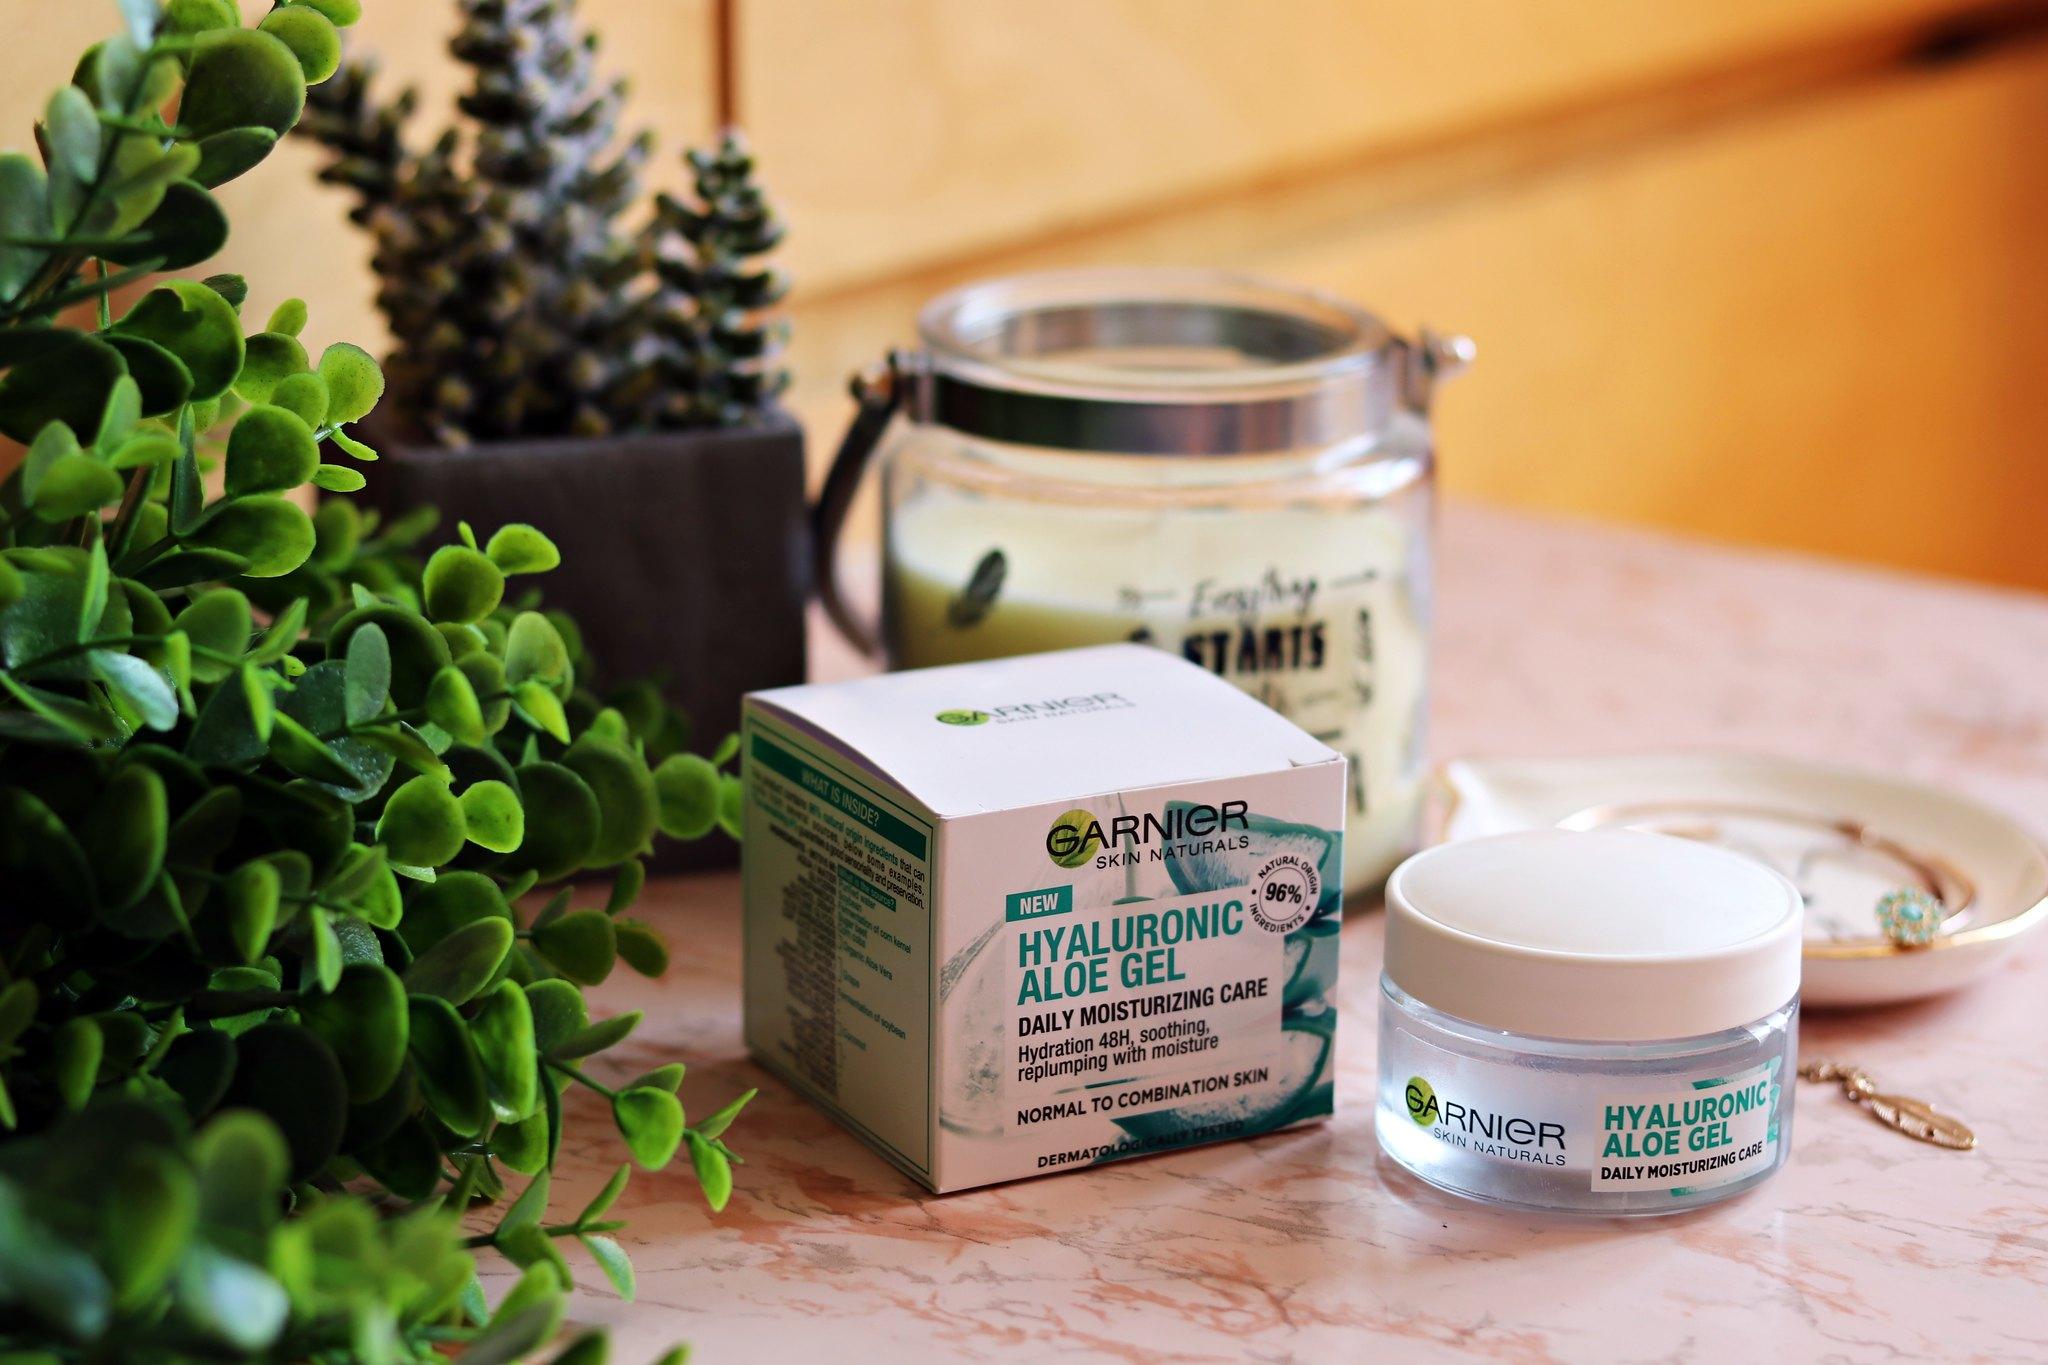 Garnier Hyaluronic aloe gel